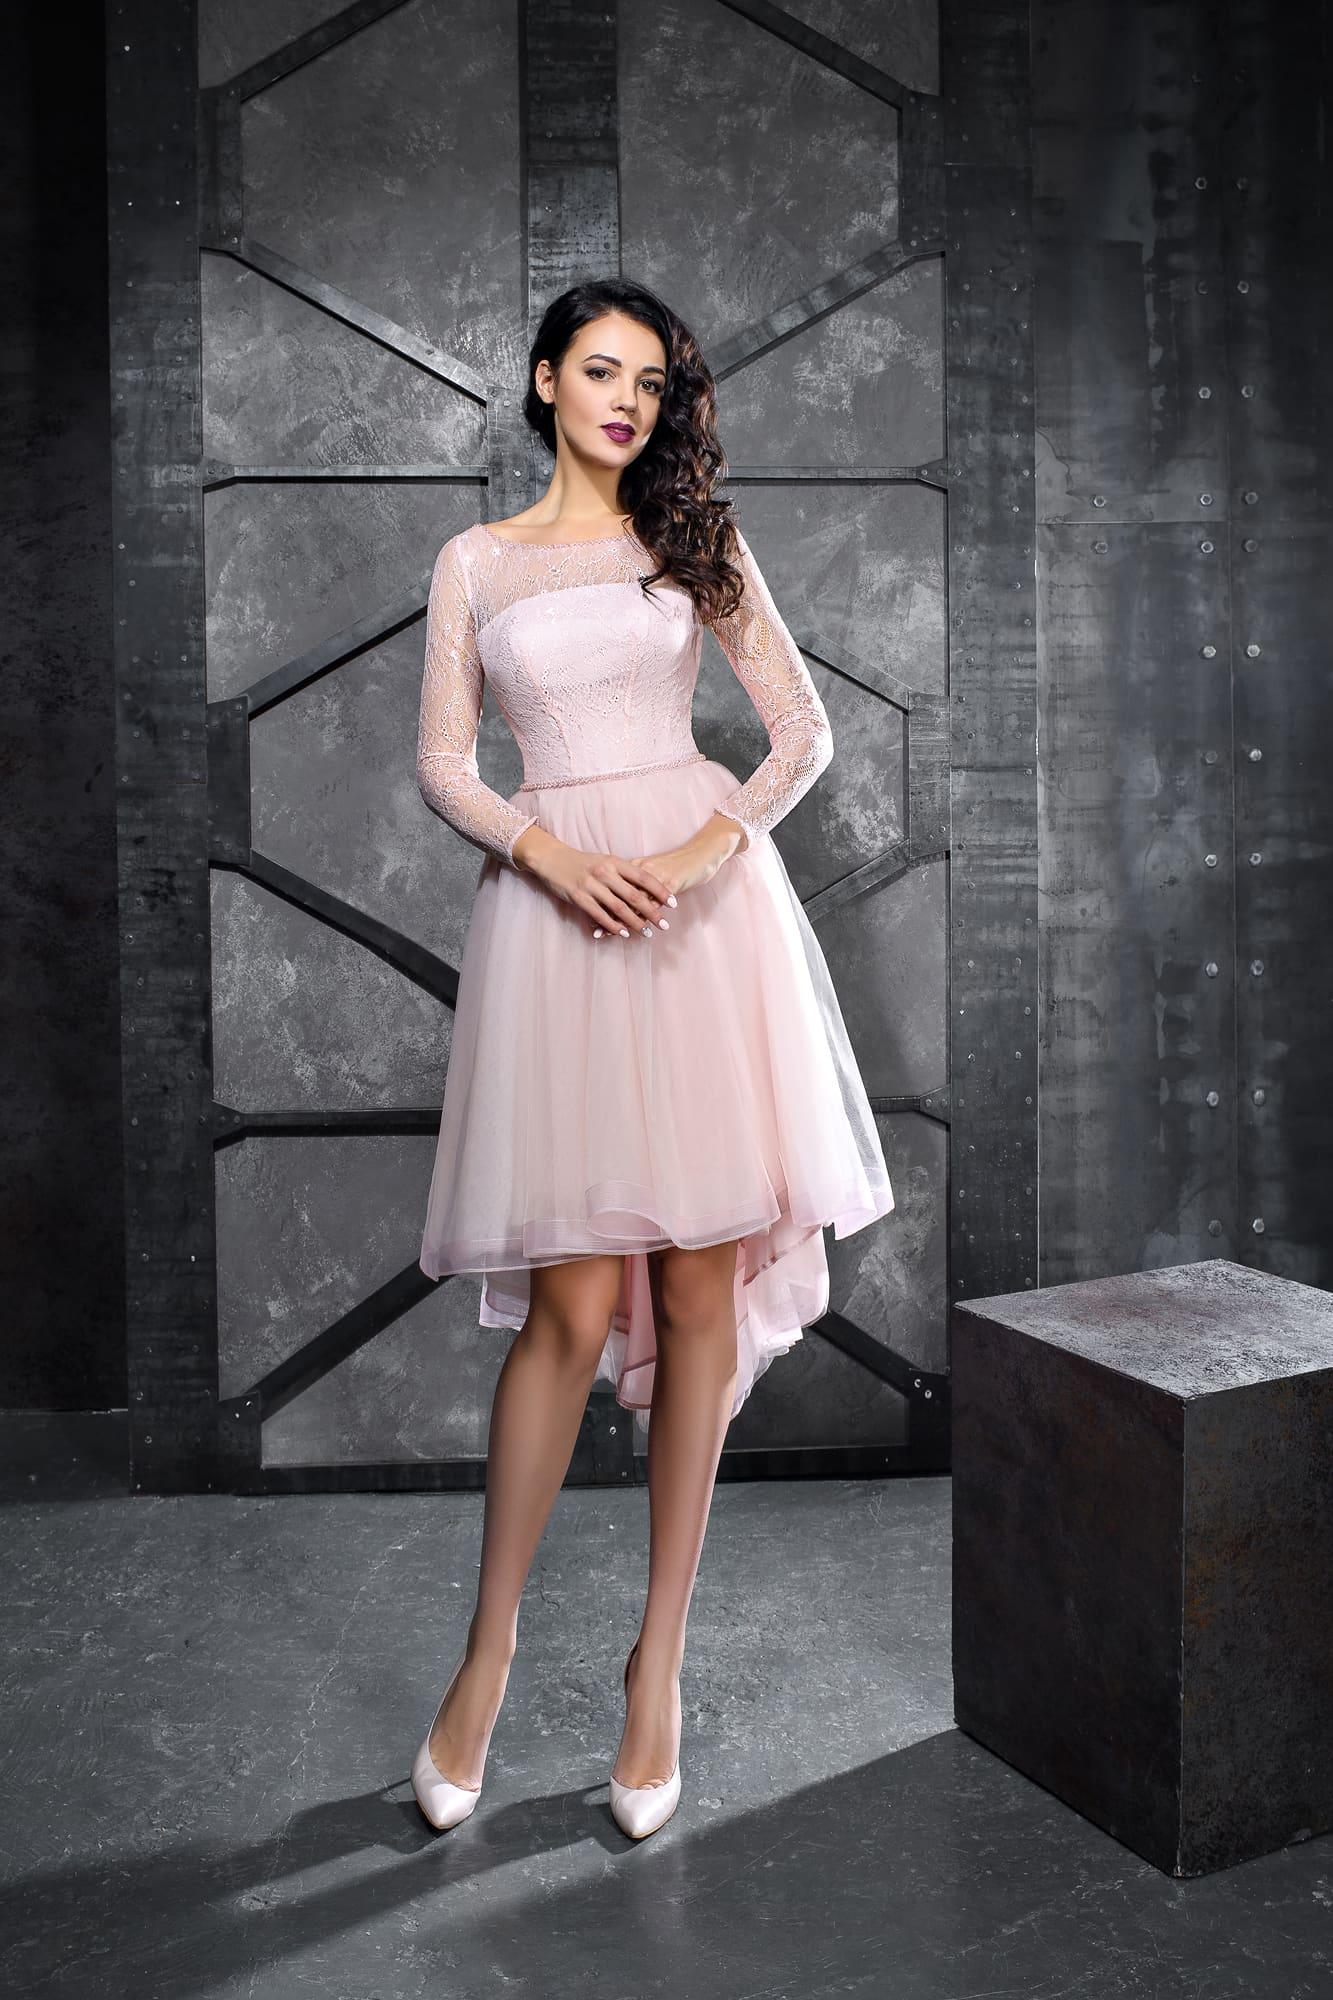 618642c24cbbf2d Розовое вечернее платье с длинным рукавом и юбкой длиной до колена.